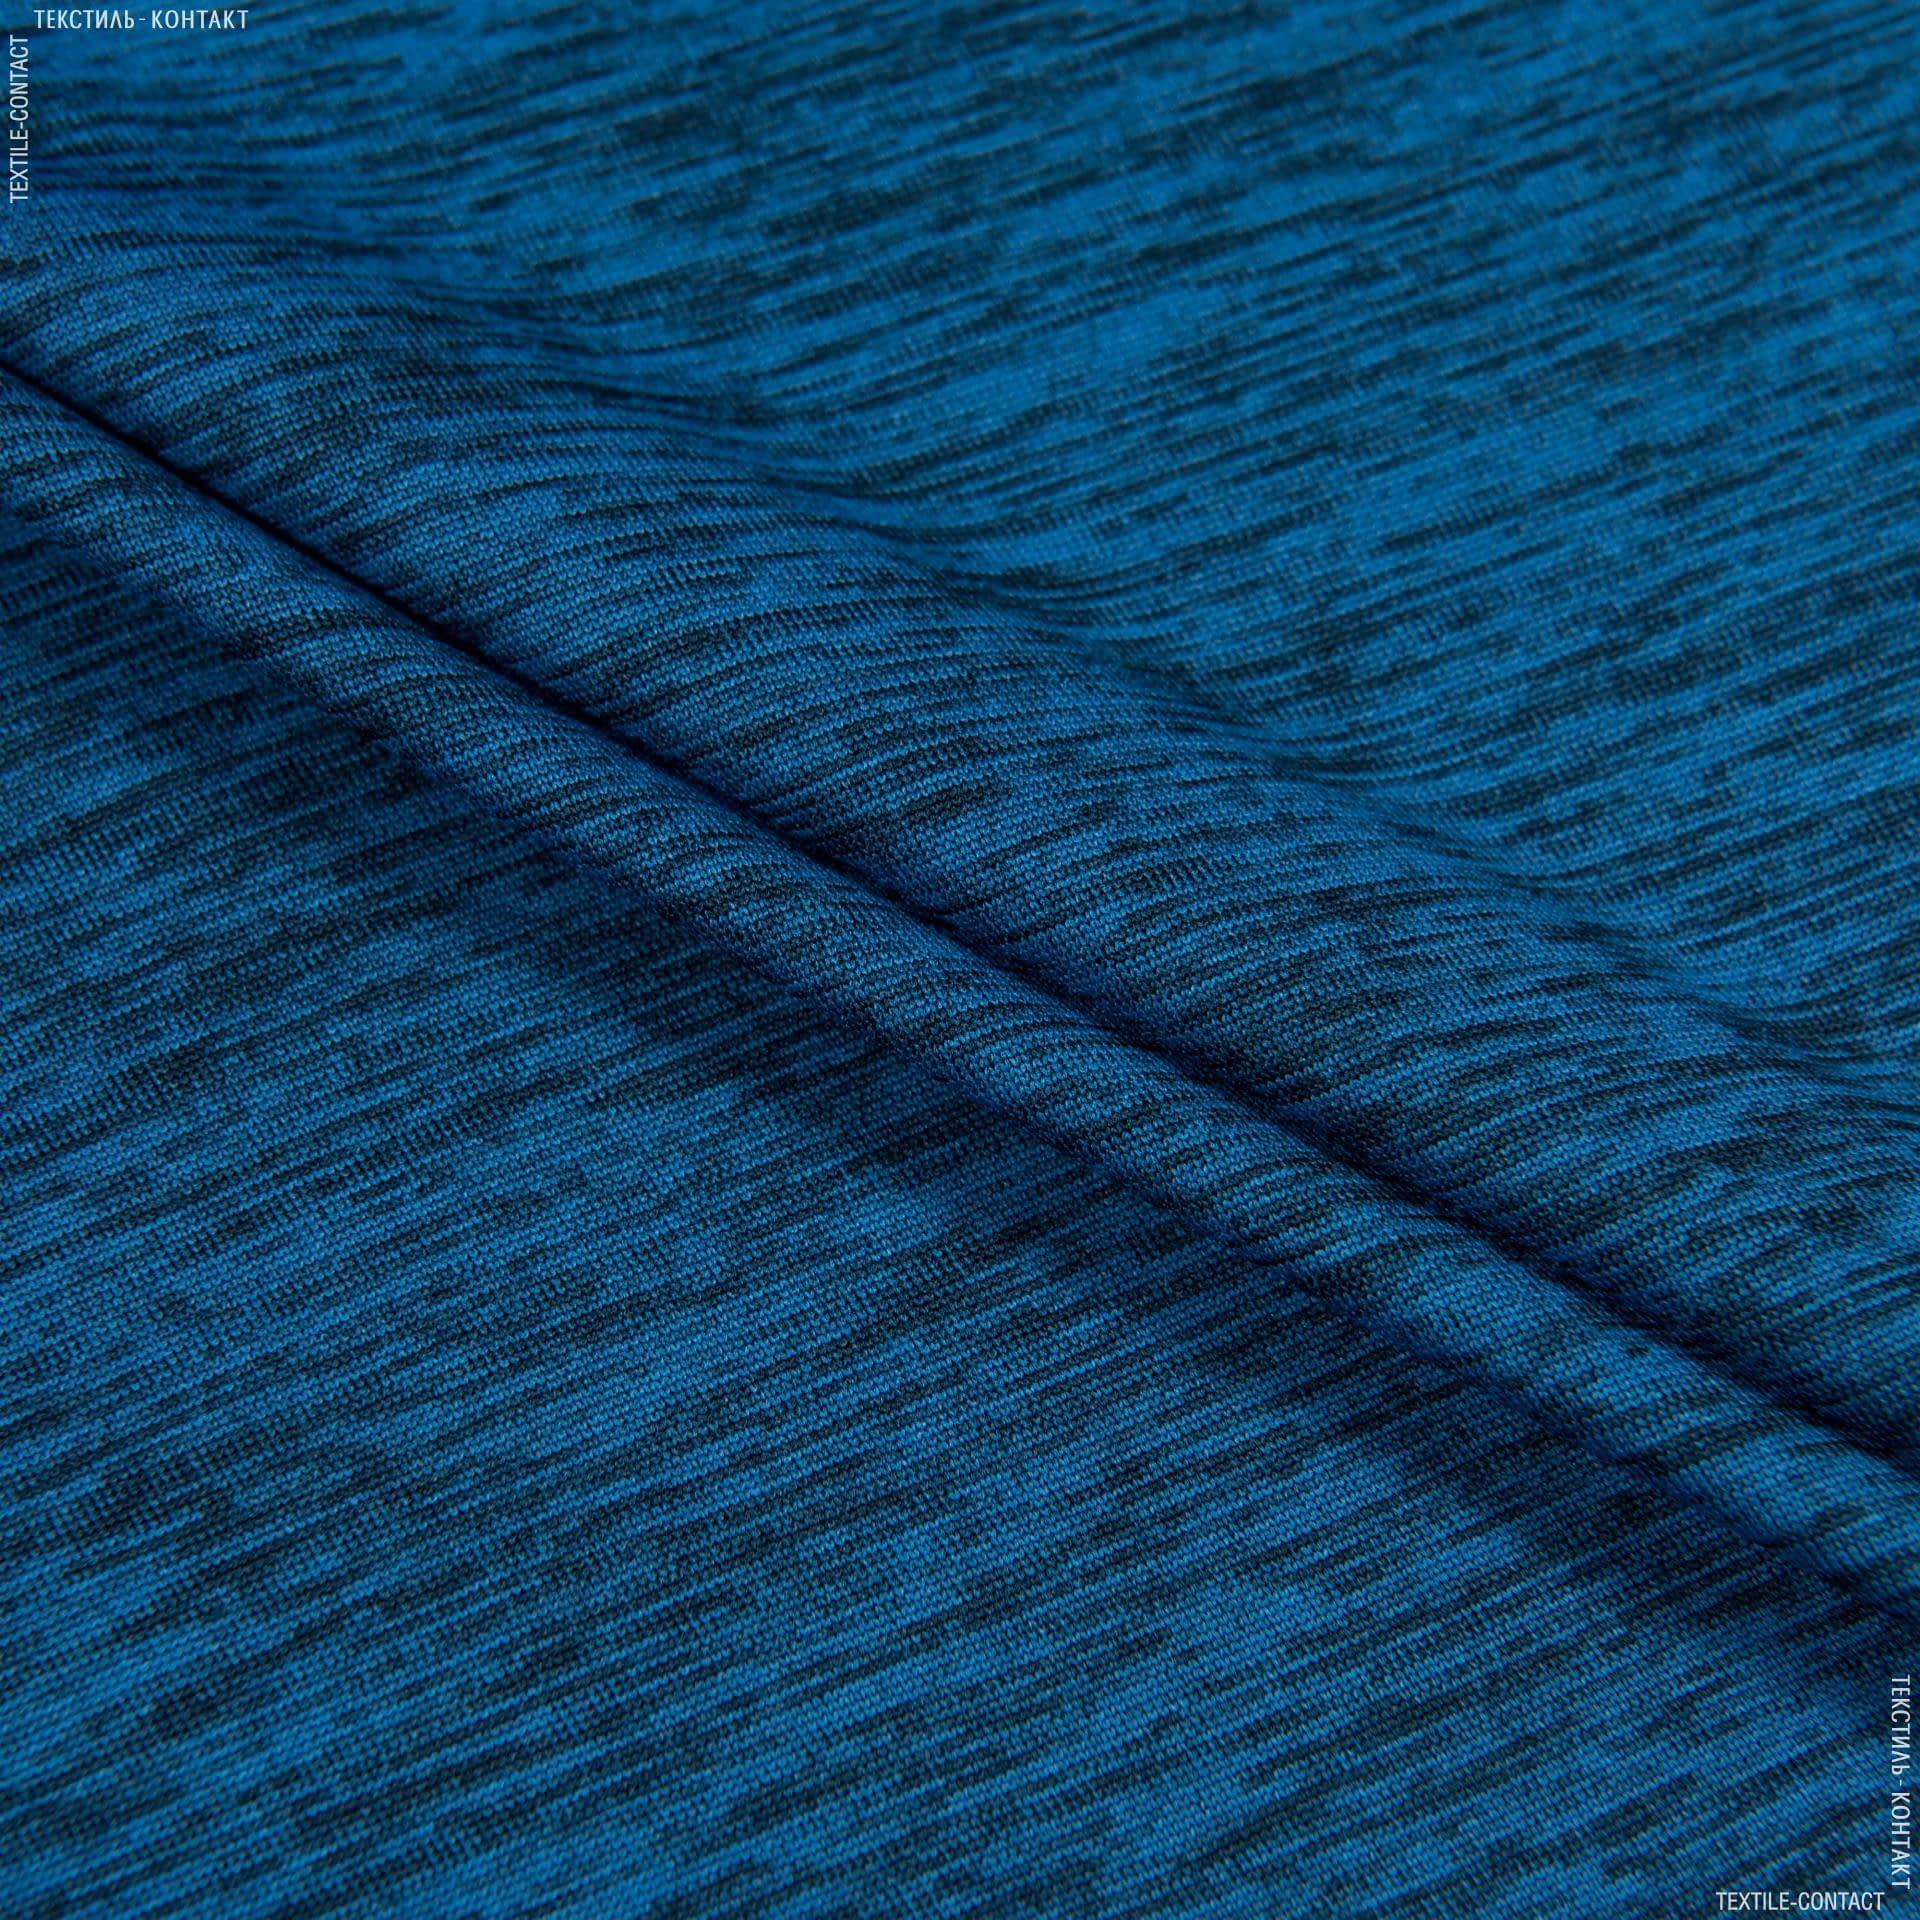 Ткани для блузок - Трикотаж темно-голубой